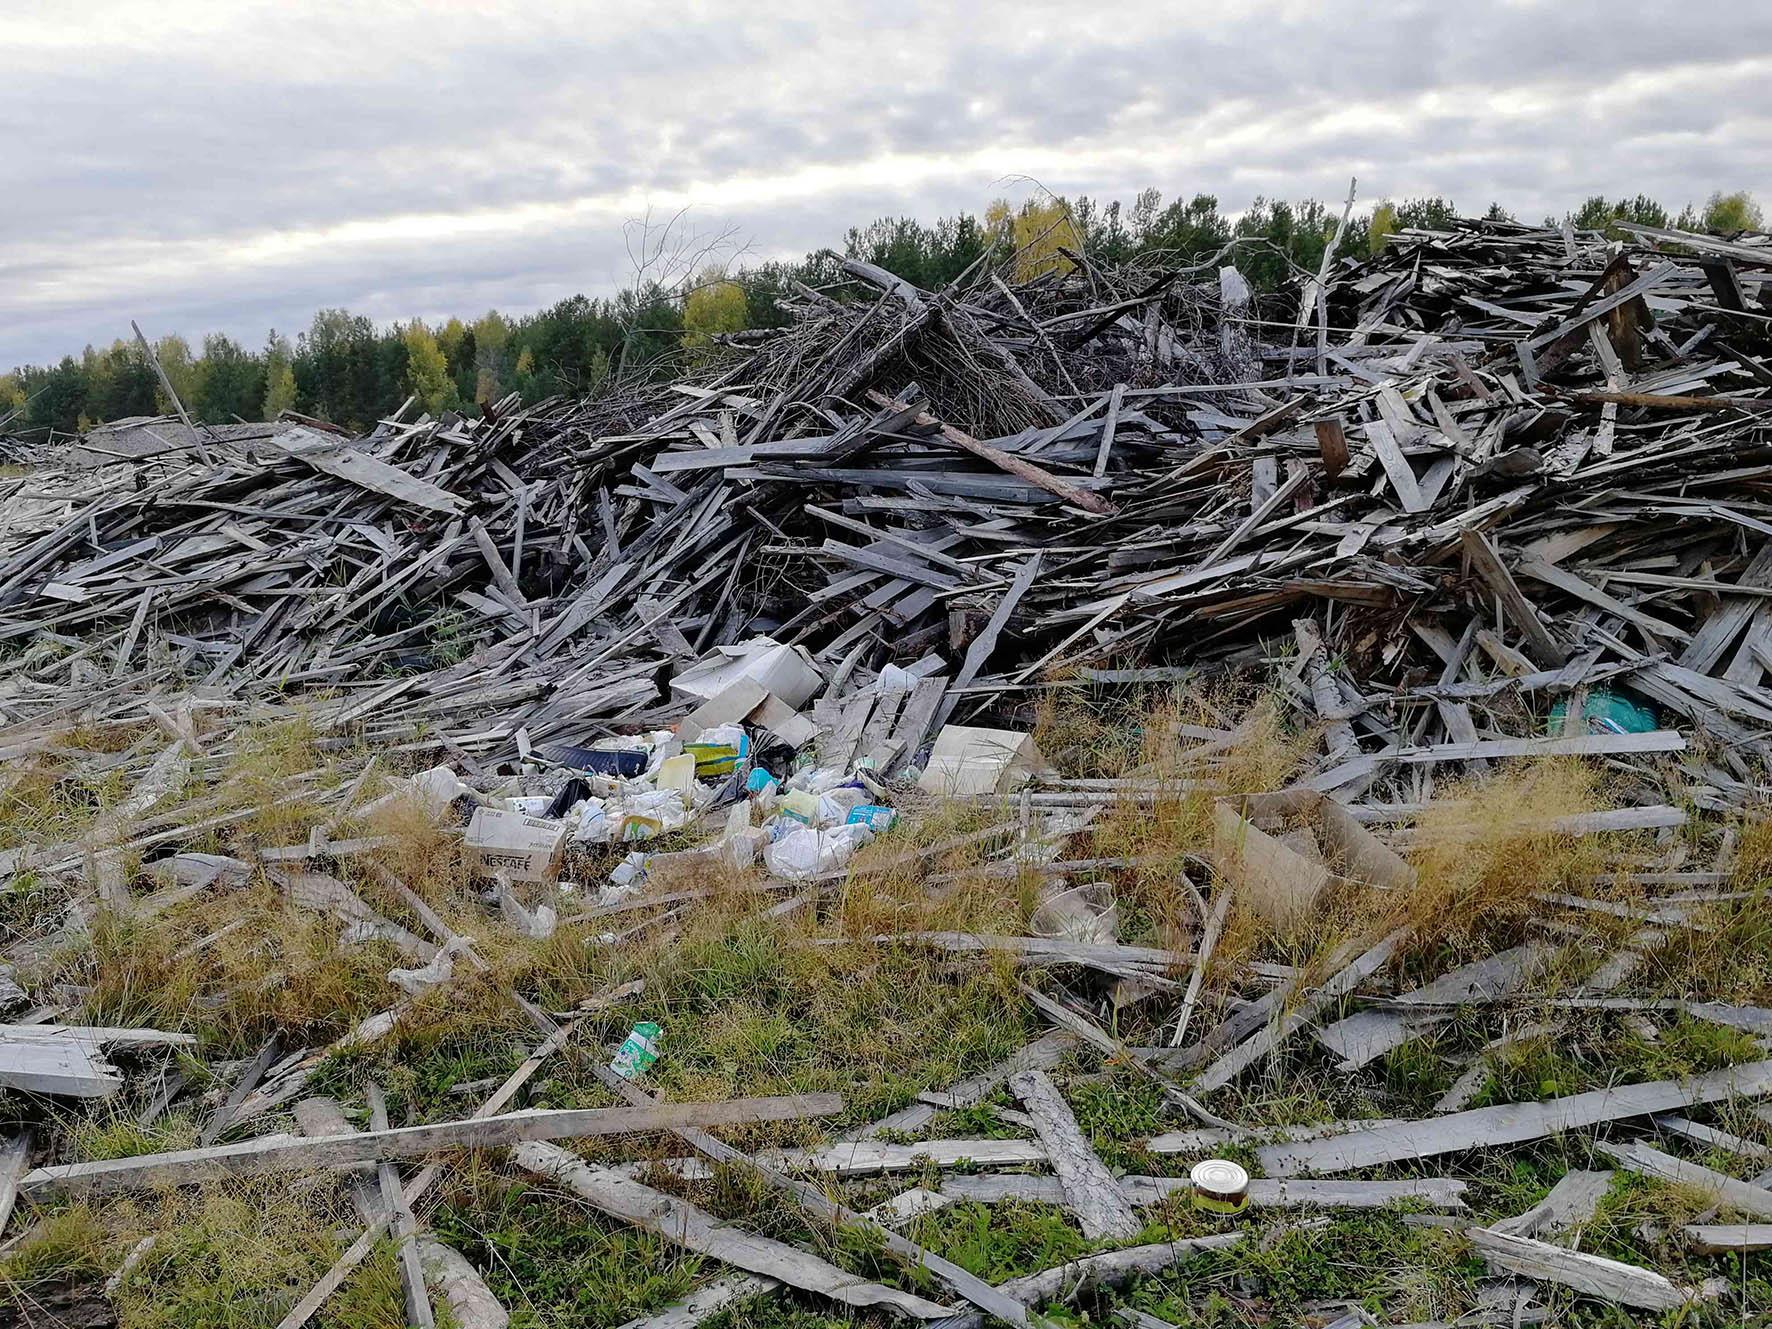 В Кировской области обнаружена свалка размером в несколько футбольных полей